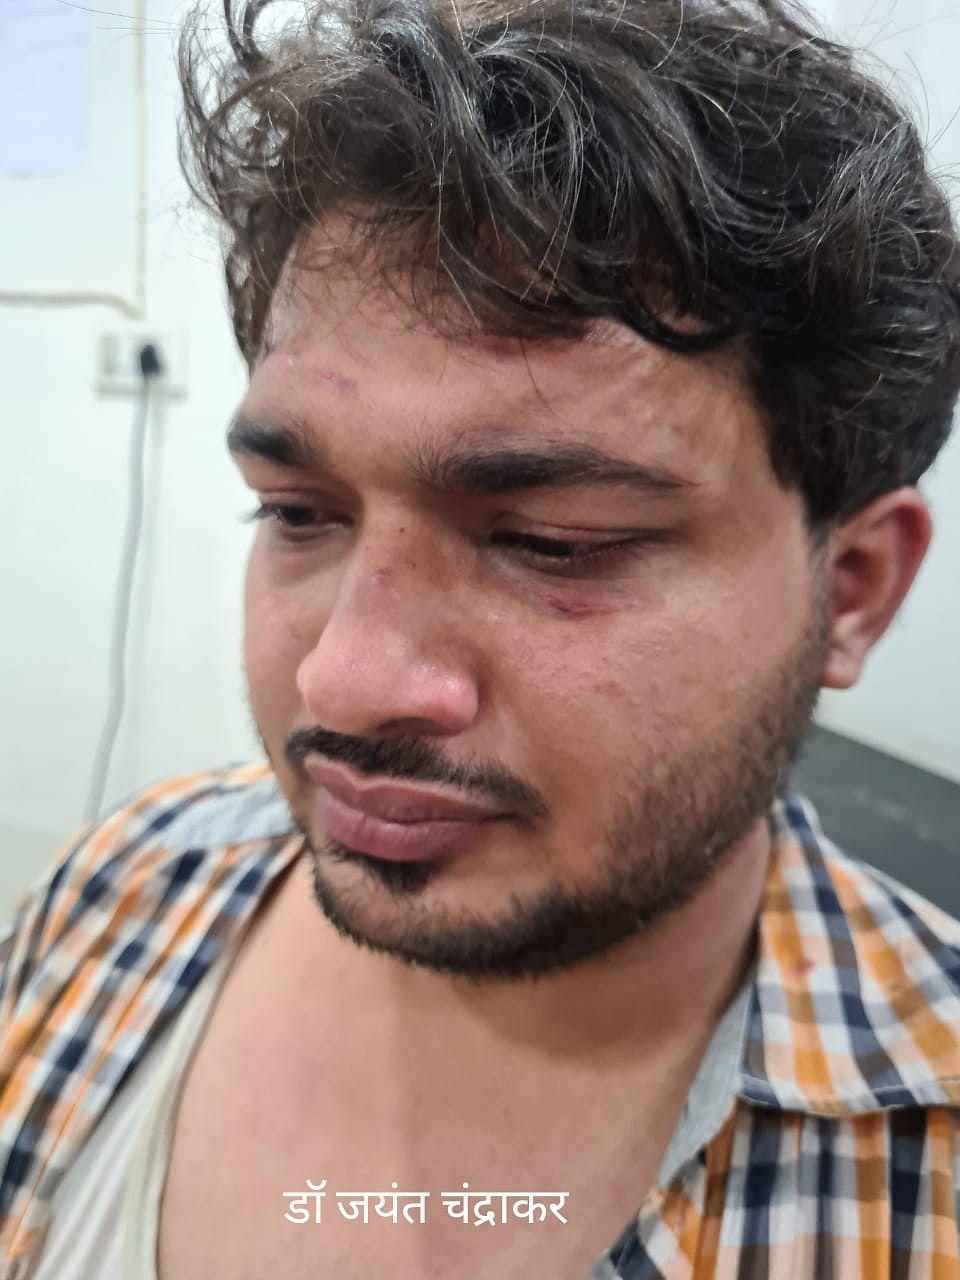 जिला अस्पताल में मेडिकल ऑफिसर के साथ मारपीट, अपराध दर्ज